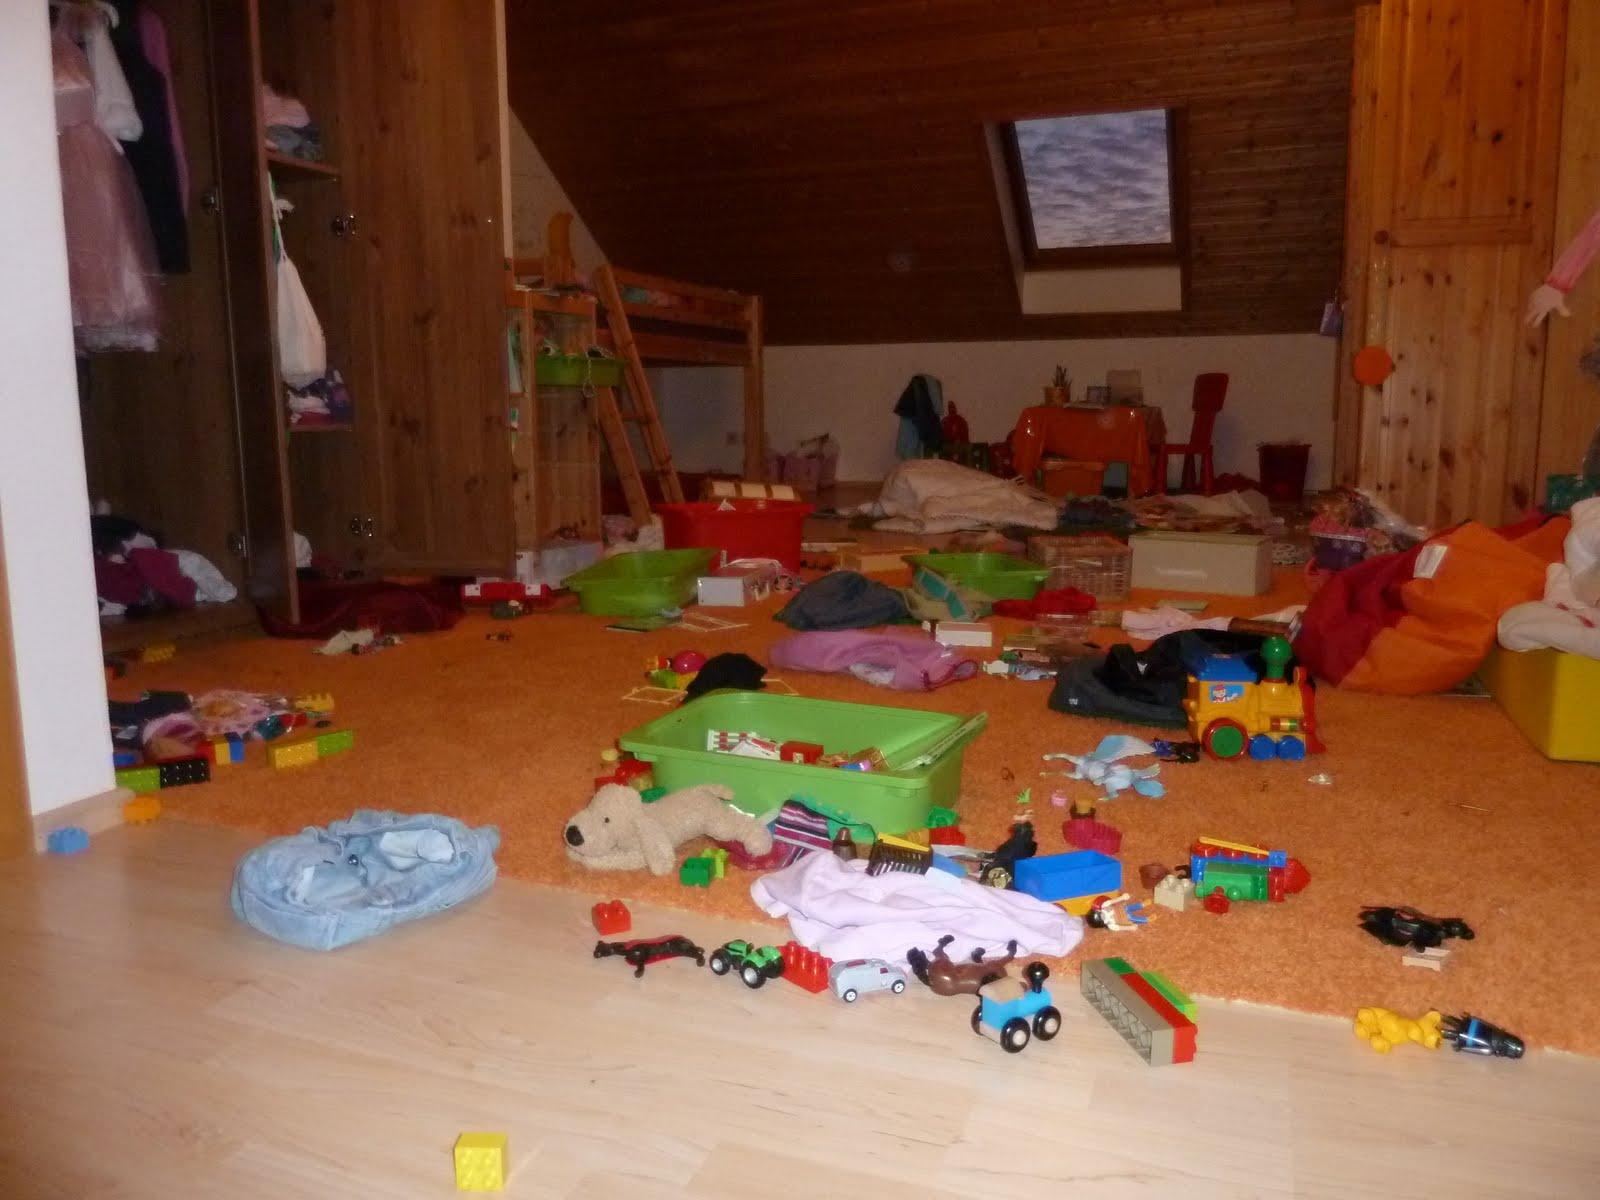 Mal ehrlich seite 3 alltagsliebe for Kinderzimmer unordnung